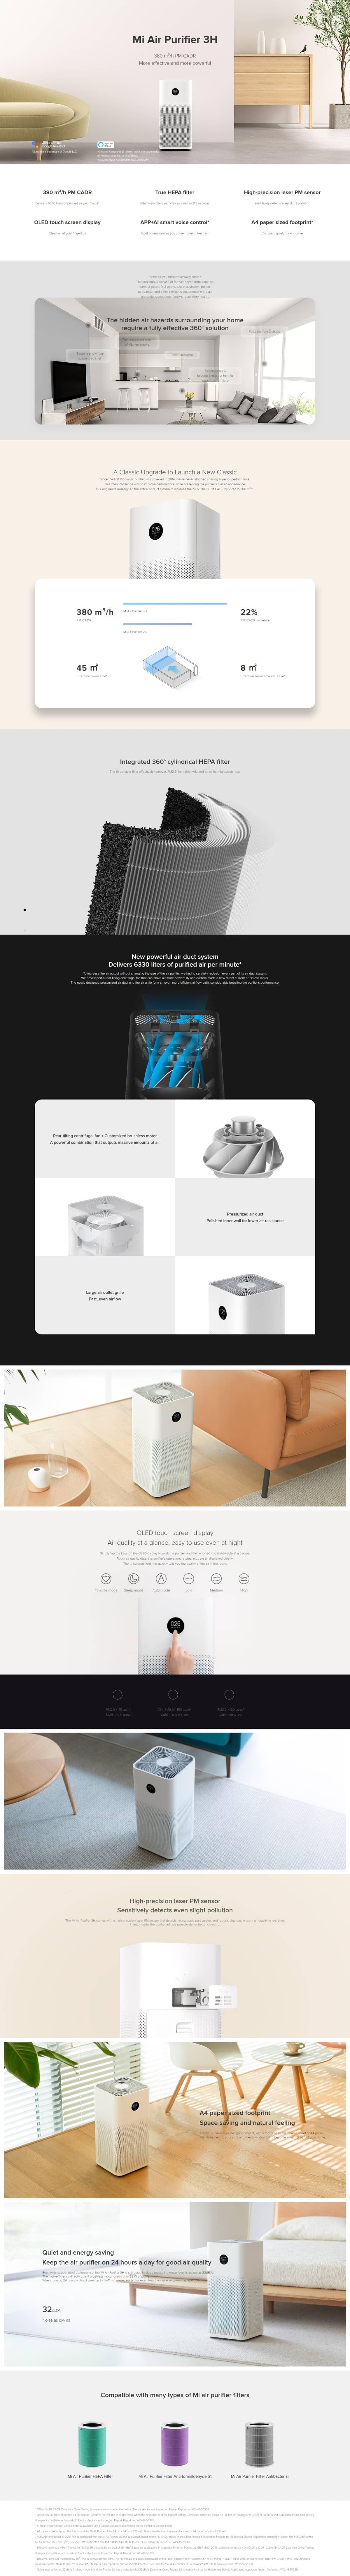 Xiaomi-Mi-Air-Purifier-3Hb22088128089812a.jpg